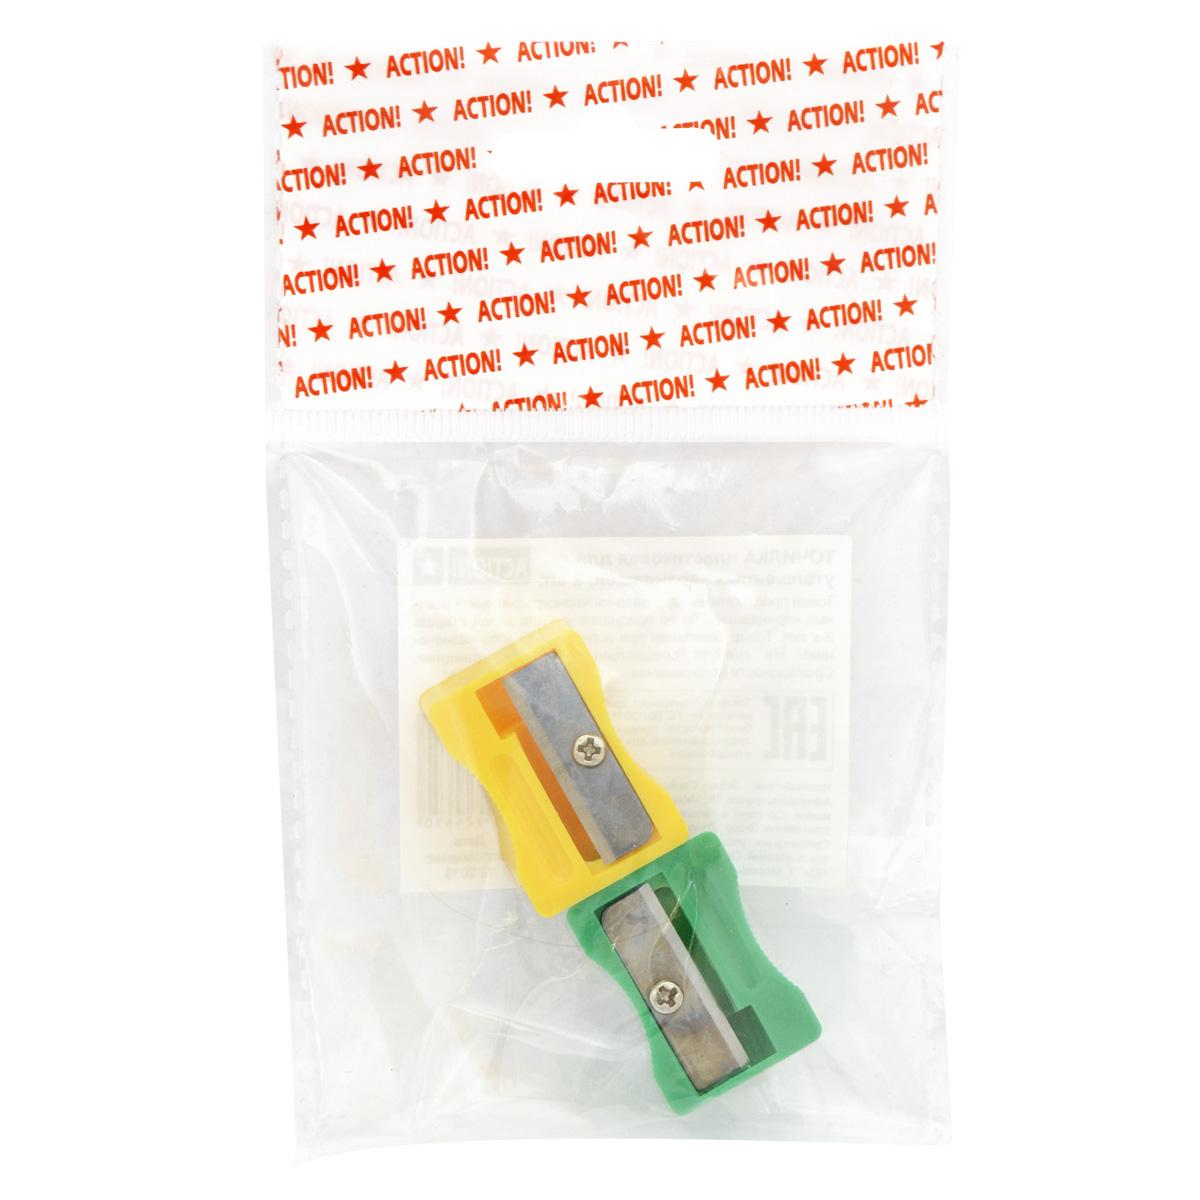 Action! Набор точилок для утолщенных карандашей 2 штASHНабор Action! состоит из двух одинарных точилок без контейнера в ярком пластиковом корпусе для заточки утолщенных карандашей.Каждая точилка с рифленой областью захвата изготовлена из неломающихся, ударопрочных материалов.Высококачественное лезвие позволит использовать такие точилки длительное время.